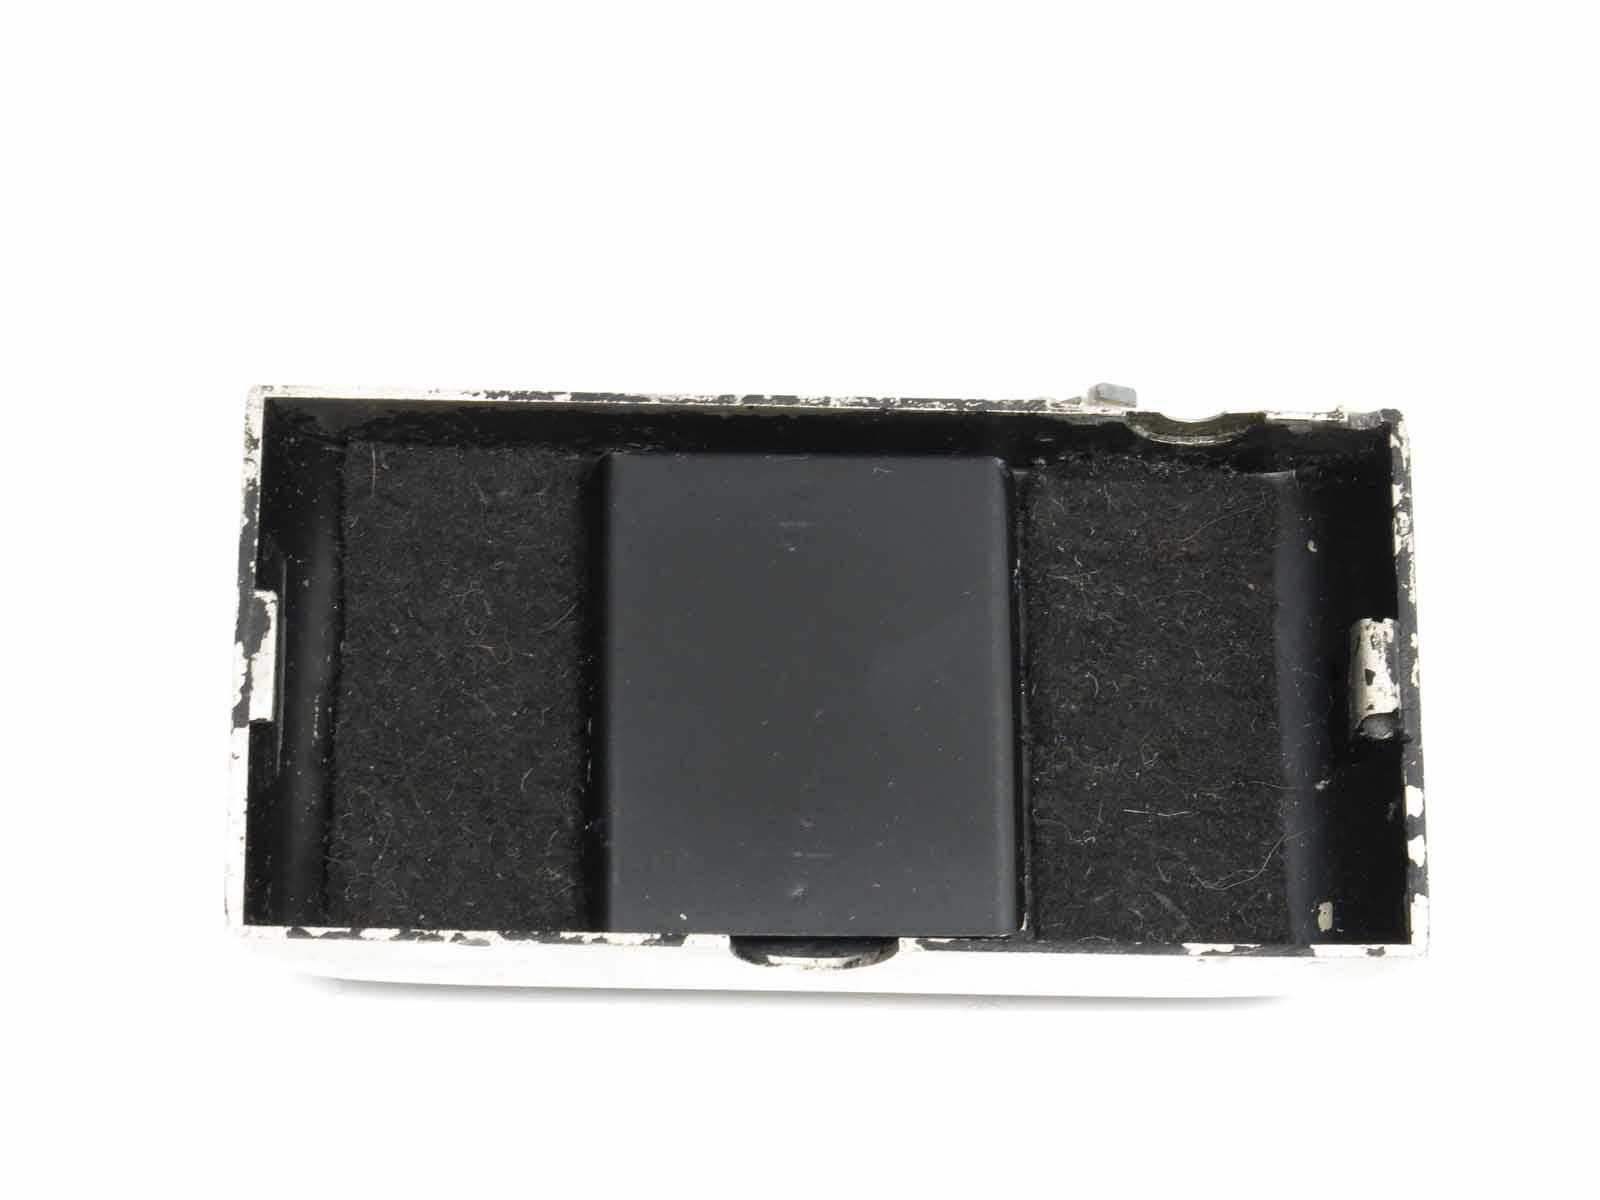 clean-cameras-Photavit-10